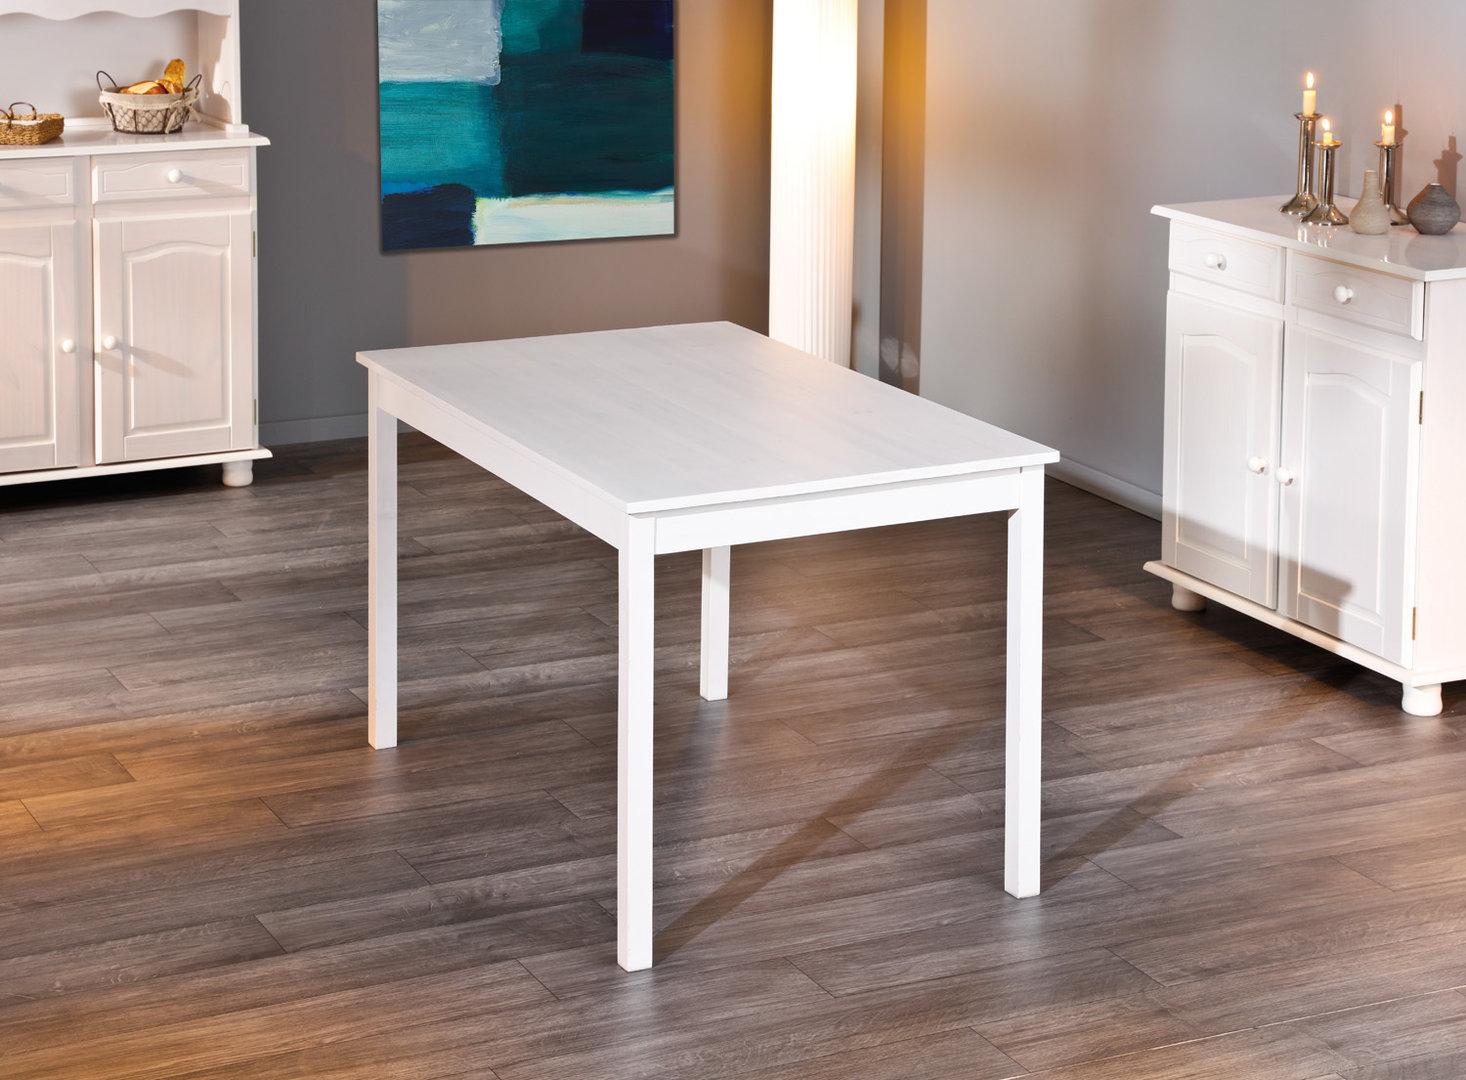 Divo tavolo moderno in legno bianco mobile per cucina sala - Tavolo da cucina ...